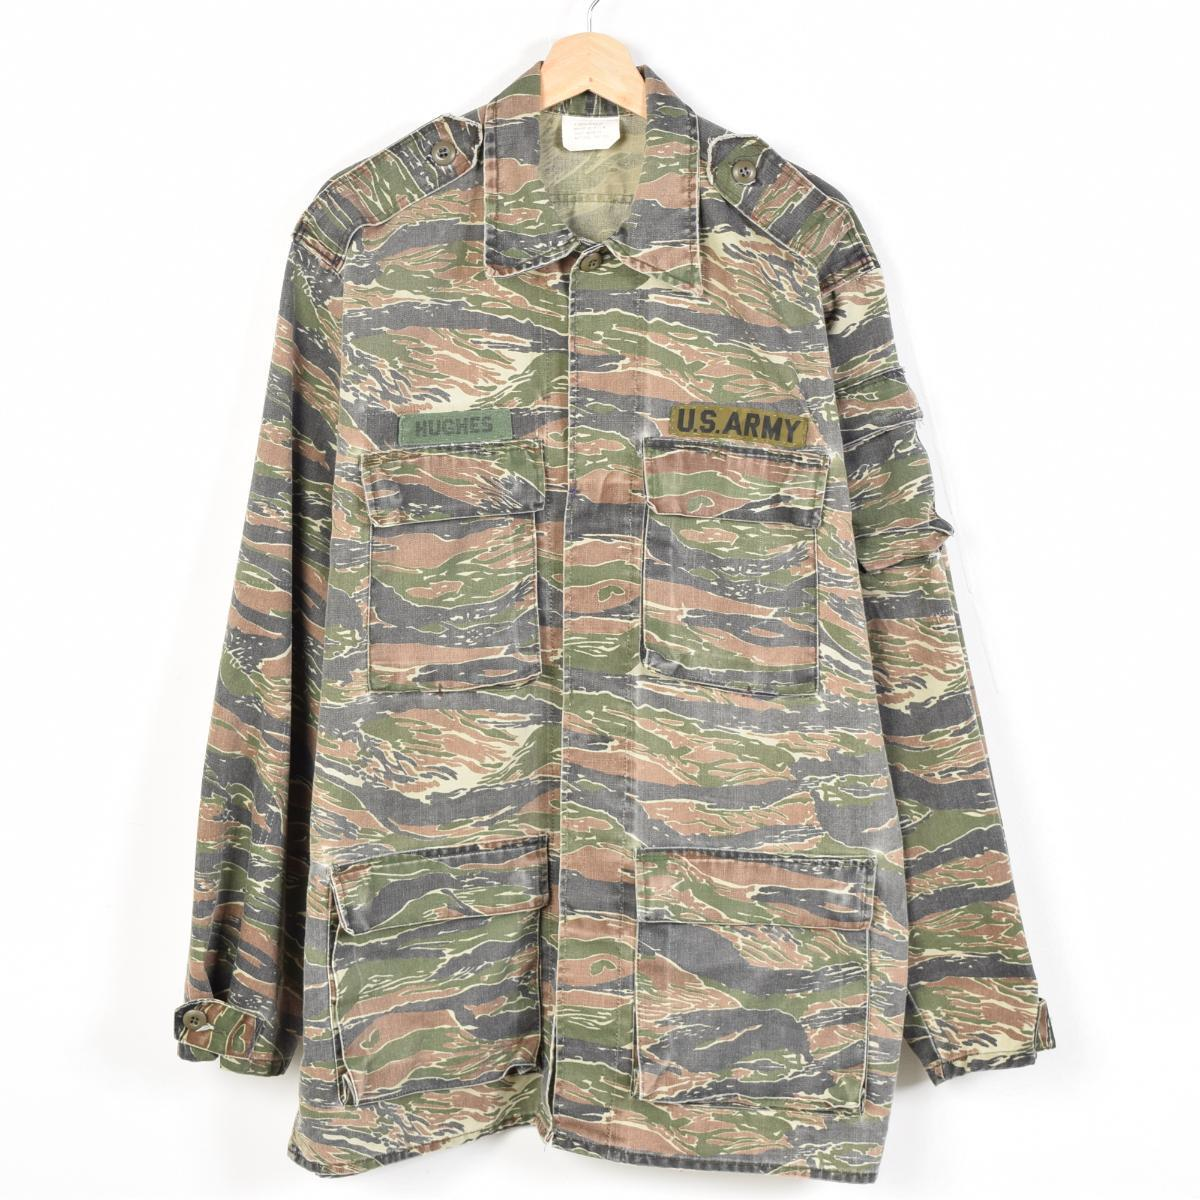 私人美国作出虎纹迷彩军事美国陆军作战夹克男装 XL PARELLEX 公司 /wew4259